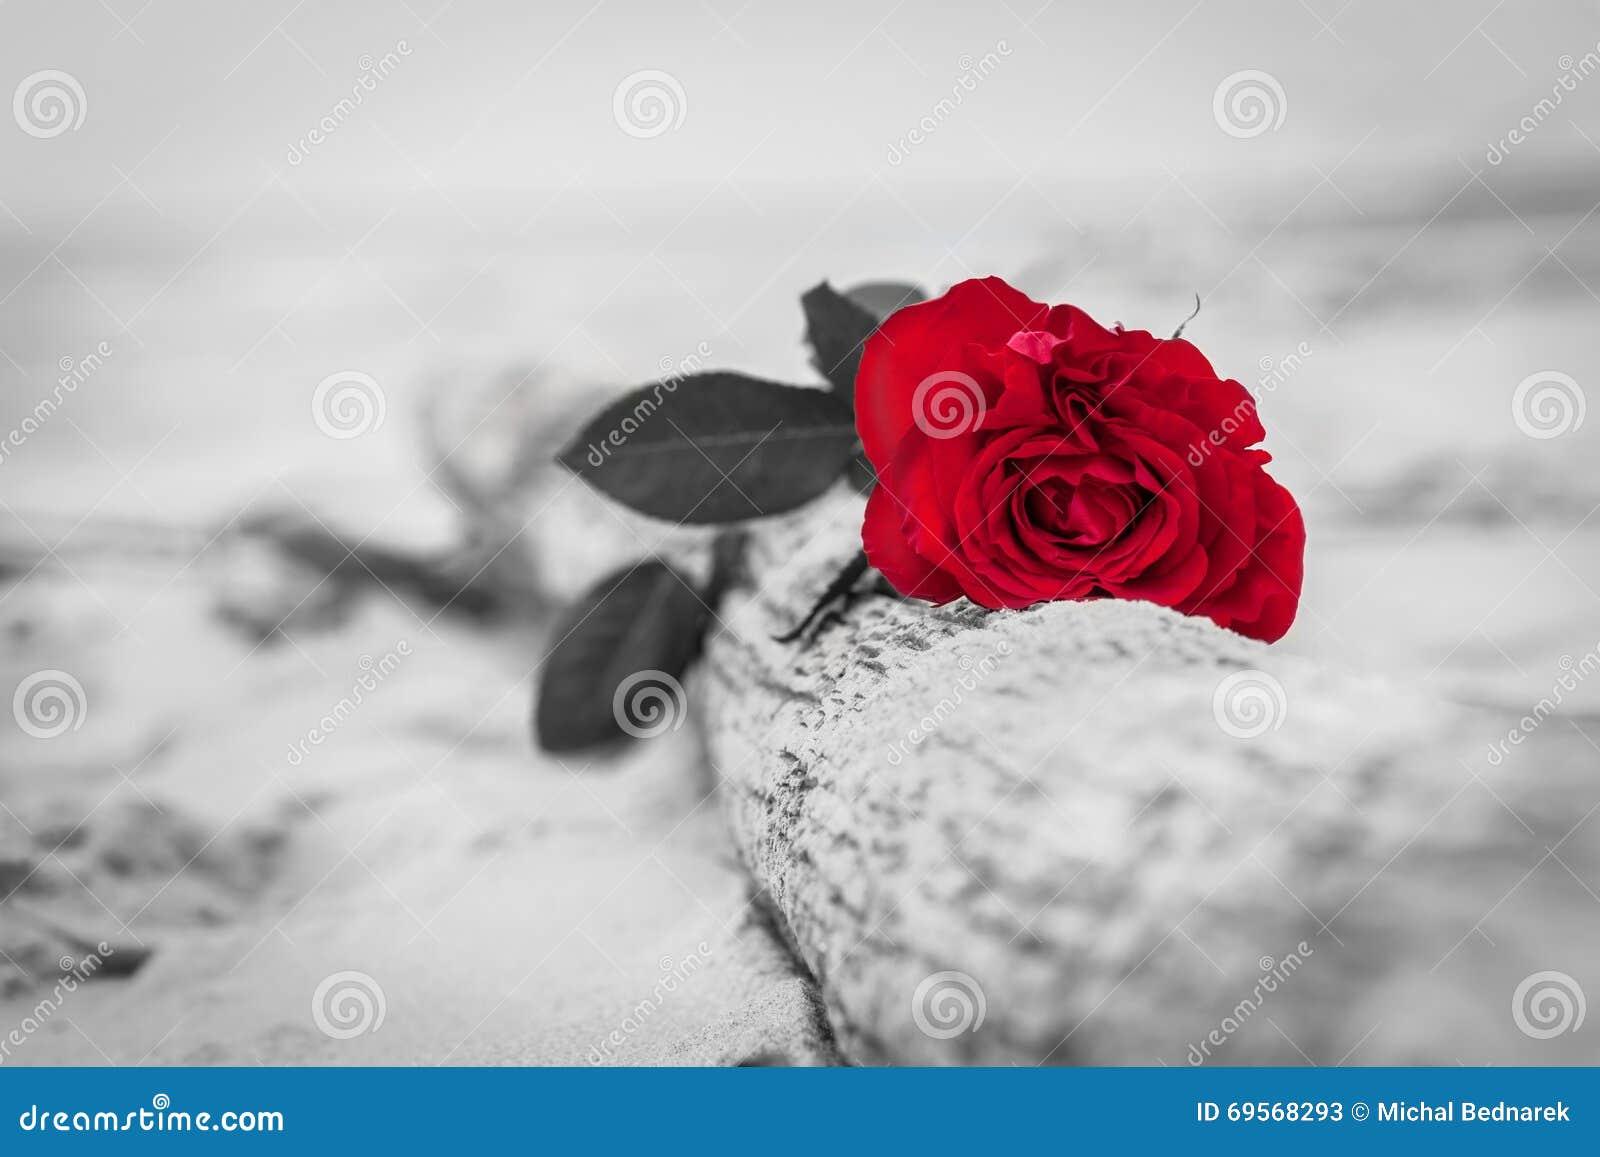 Rose de rouge sur la plage Couleur contre noir et blanc Amour, romance, concepts mélancoliques